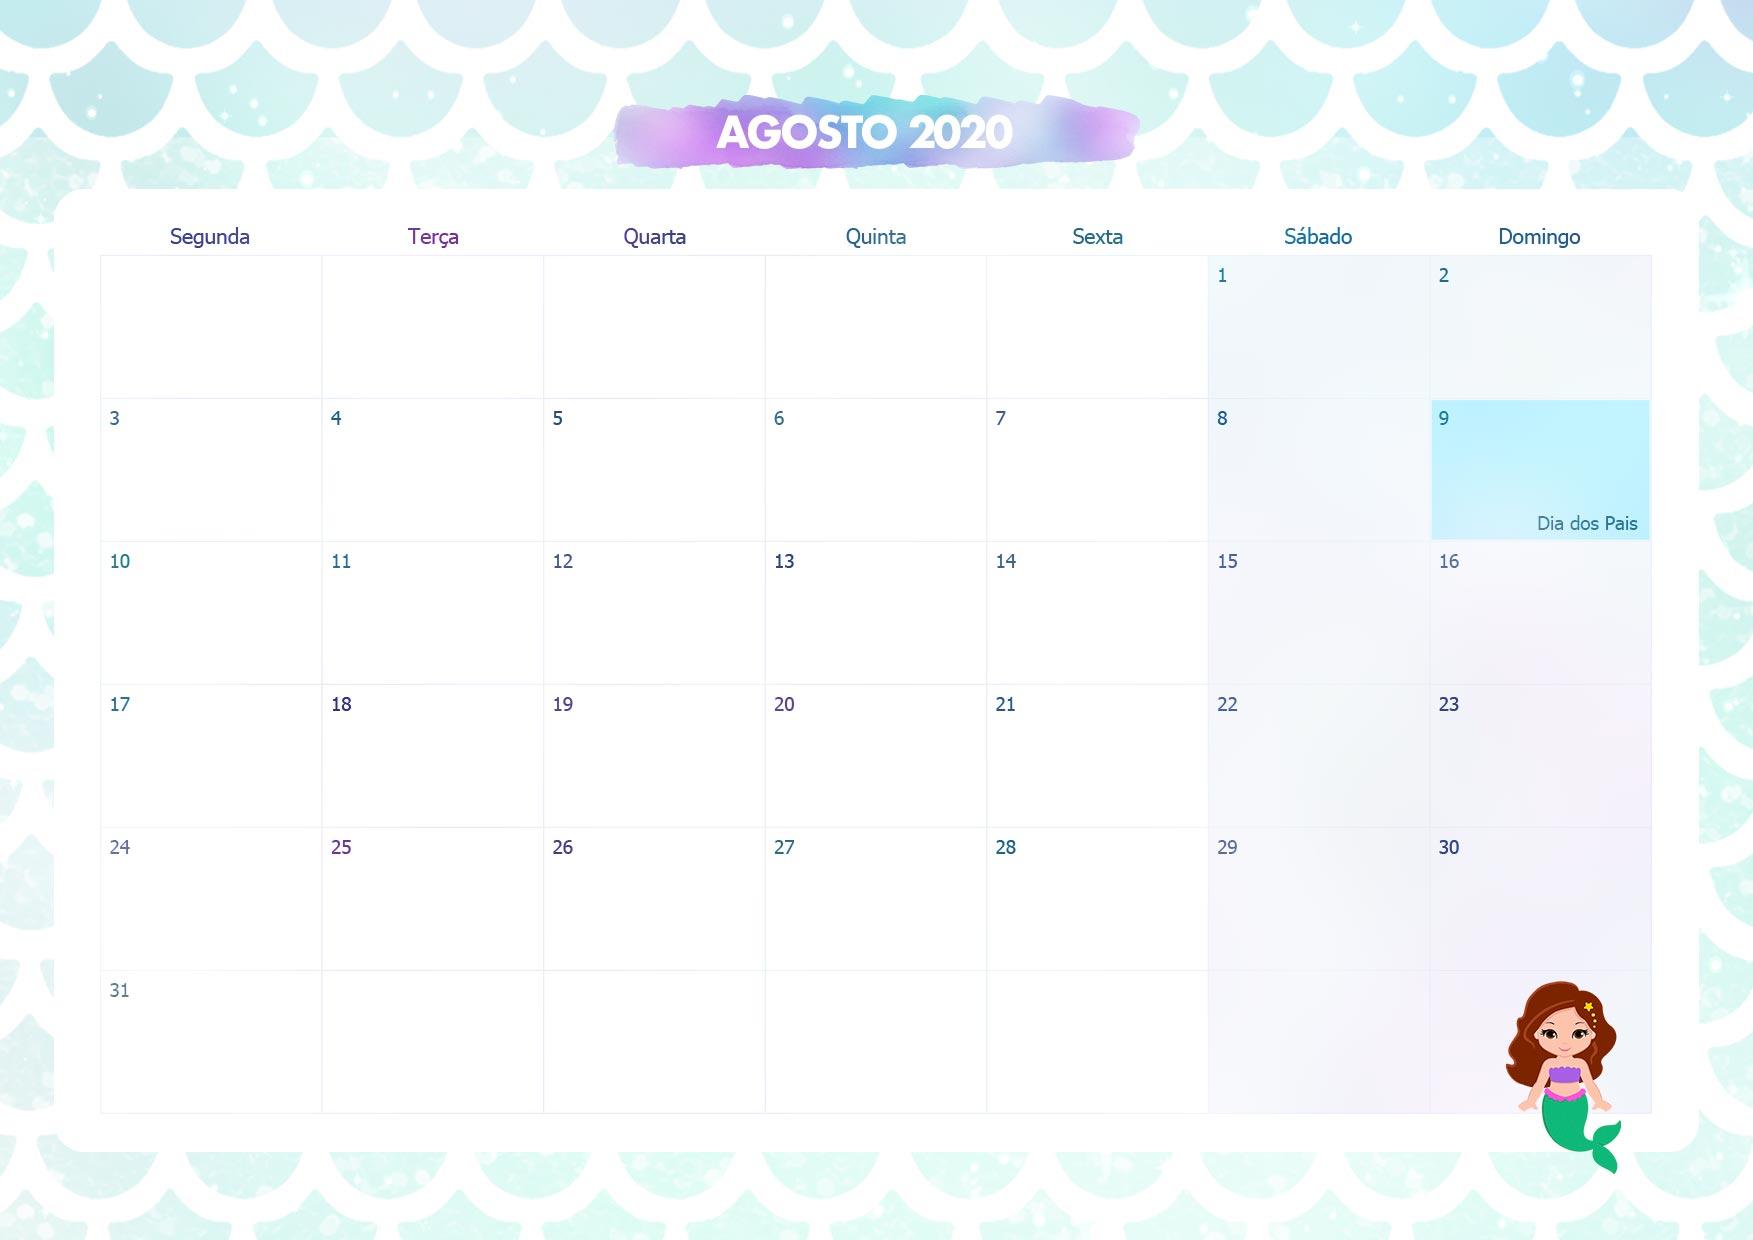 Agosto 2020 Calendario.Calendario Mensal Sereia Agosto 2020 Fazendo A Nossa Festa